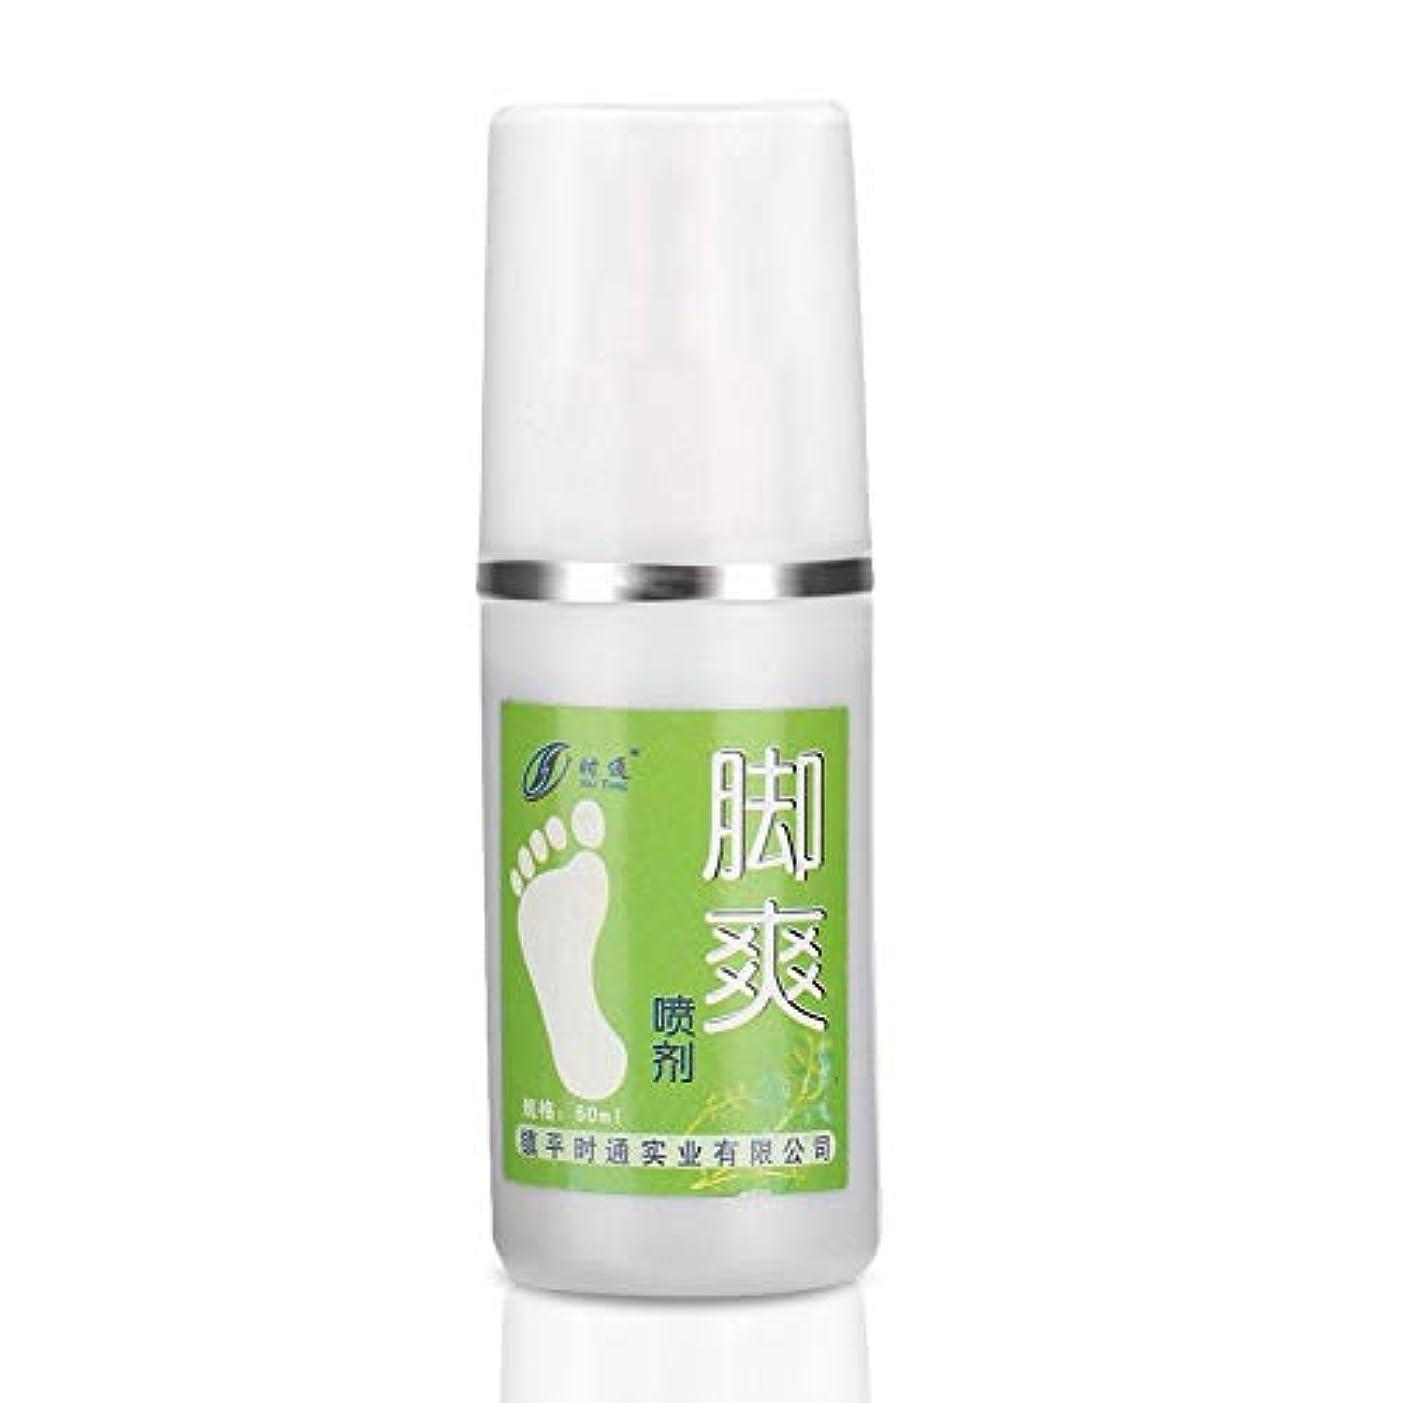 やむを得ない相対サイズ要求する臭いのある靴および臭いフィートのためのSemme有効なフィートの防臭剤のスプレー、足の臭気の除去剤の抗菌性の足は悪い臭いを取除きなさい新しいスプレーのフットケア